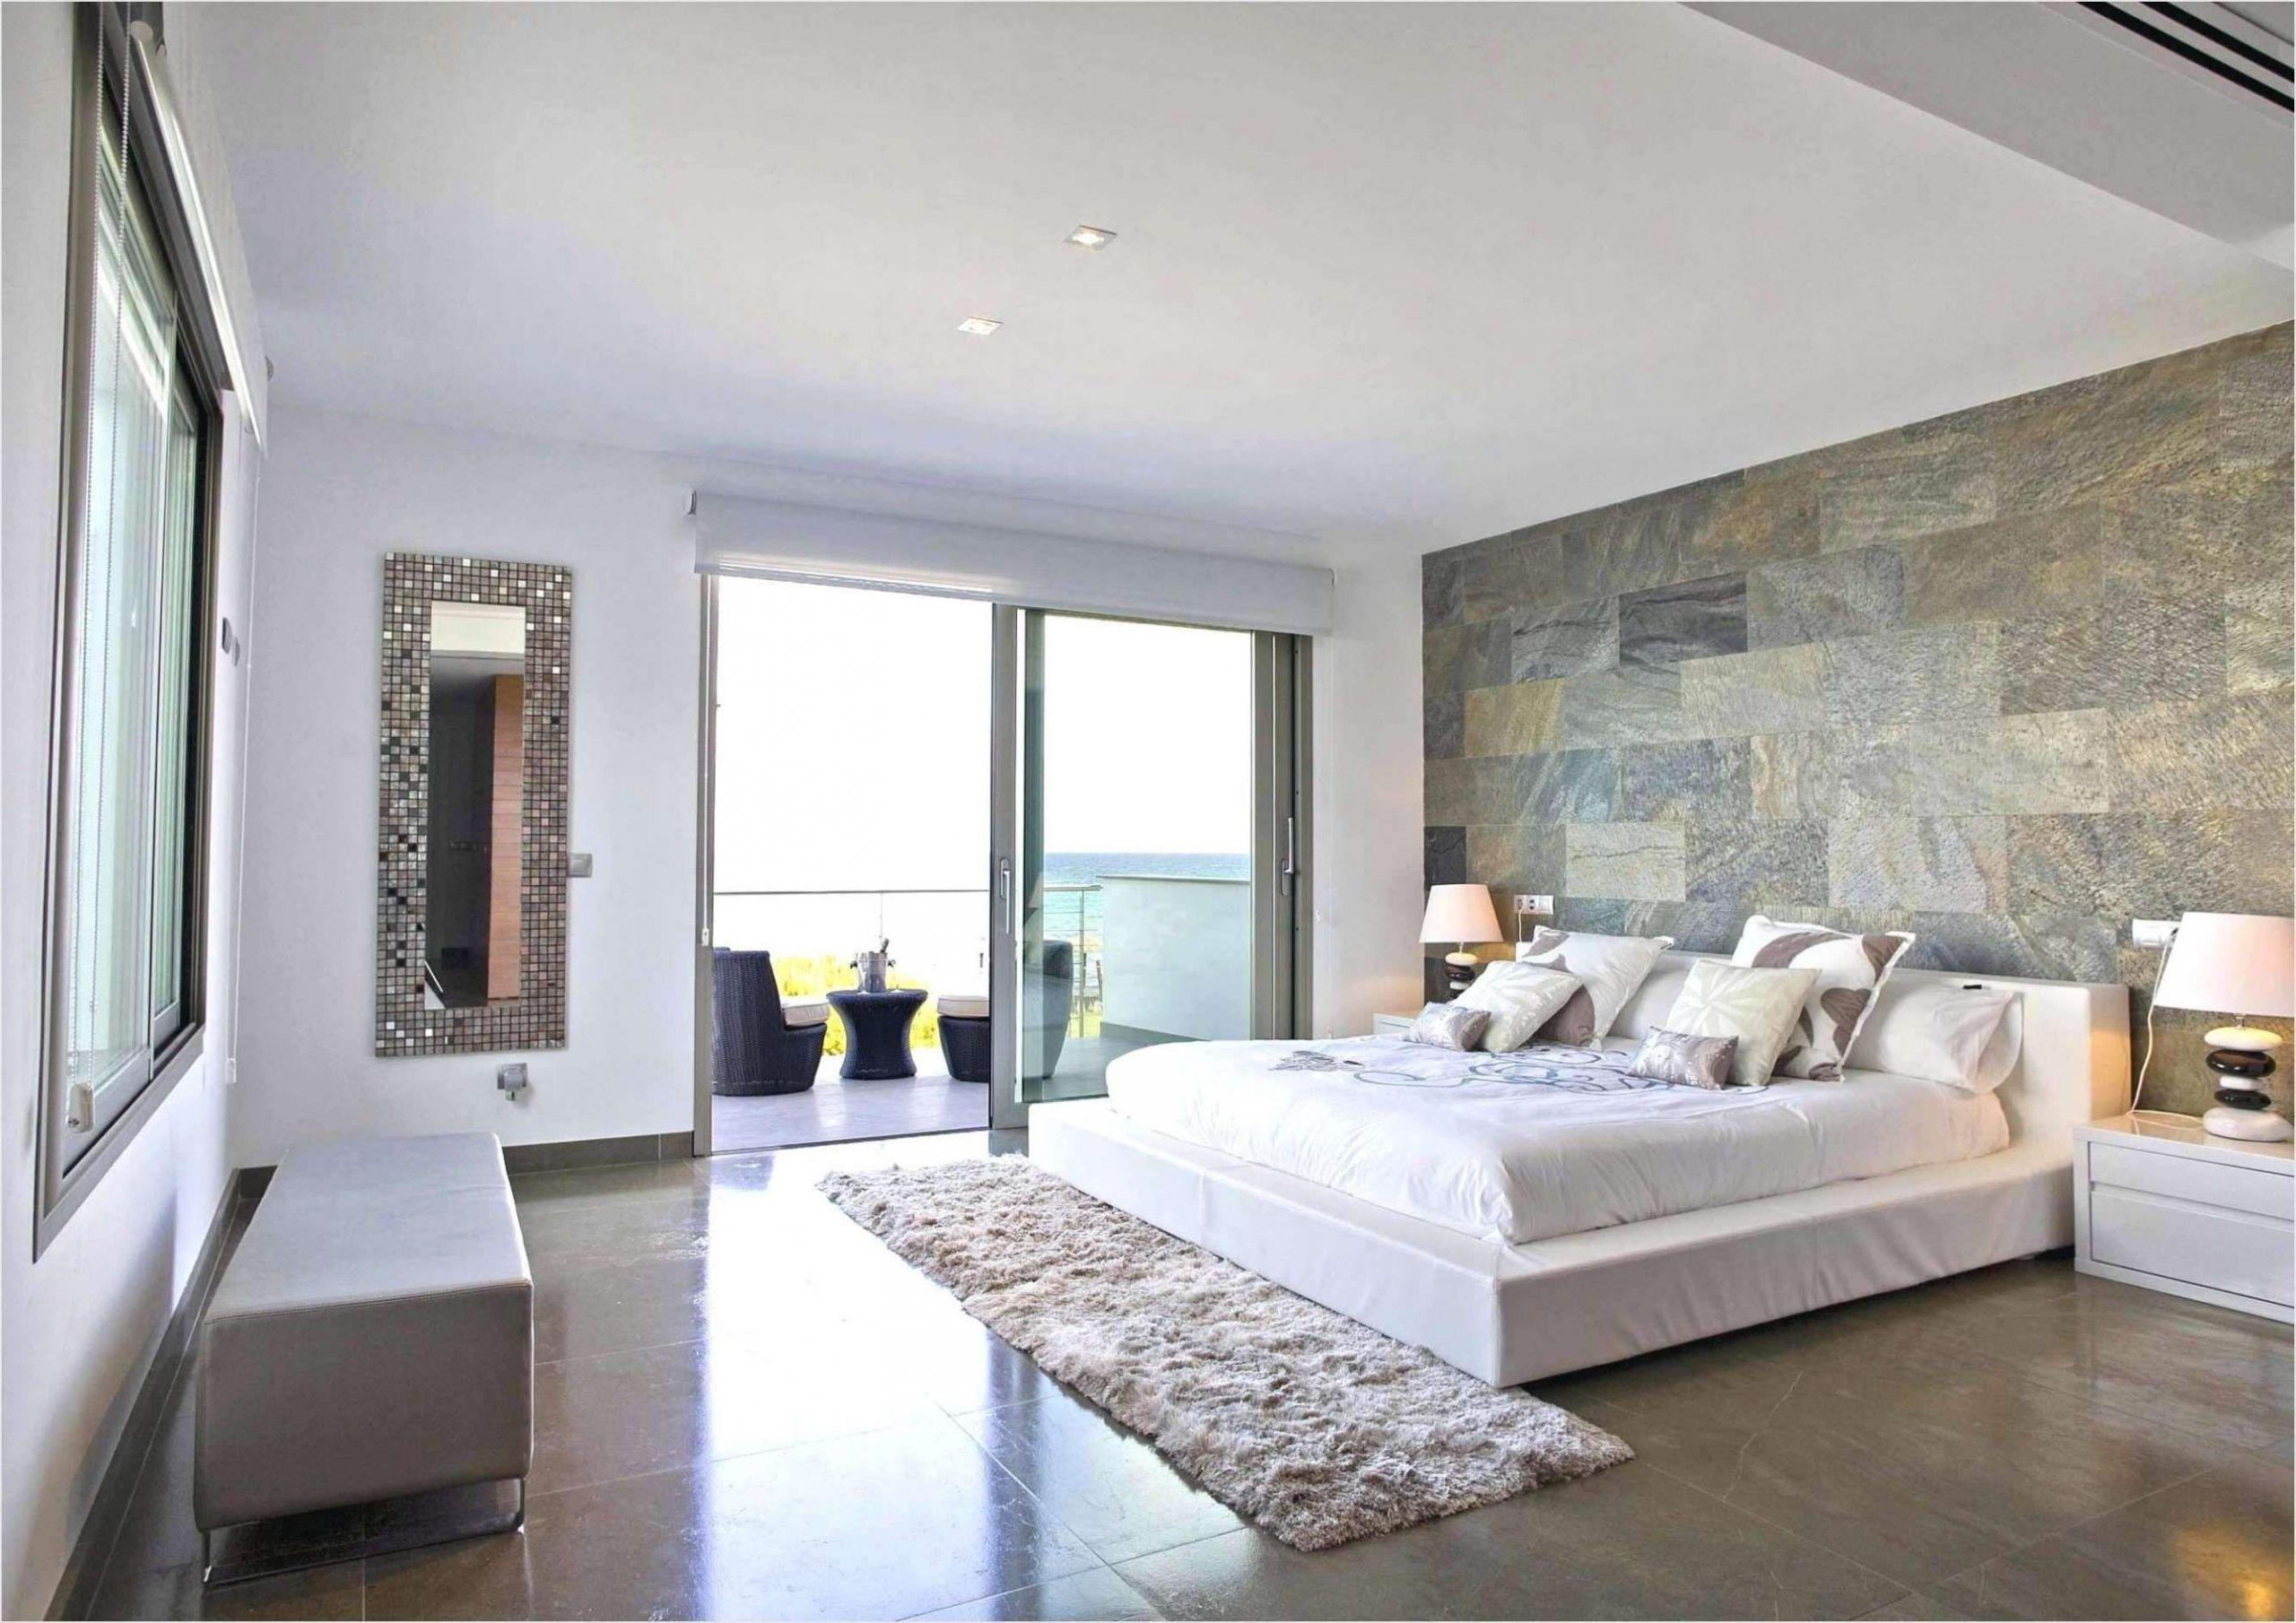 design wohnzimmer schon wohnzimmer design genial wanddeko wohnzimmer ideen neu of design wohnzimmer scaled